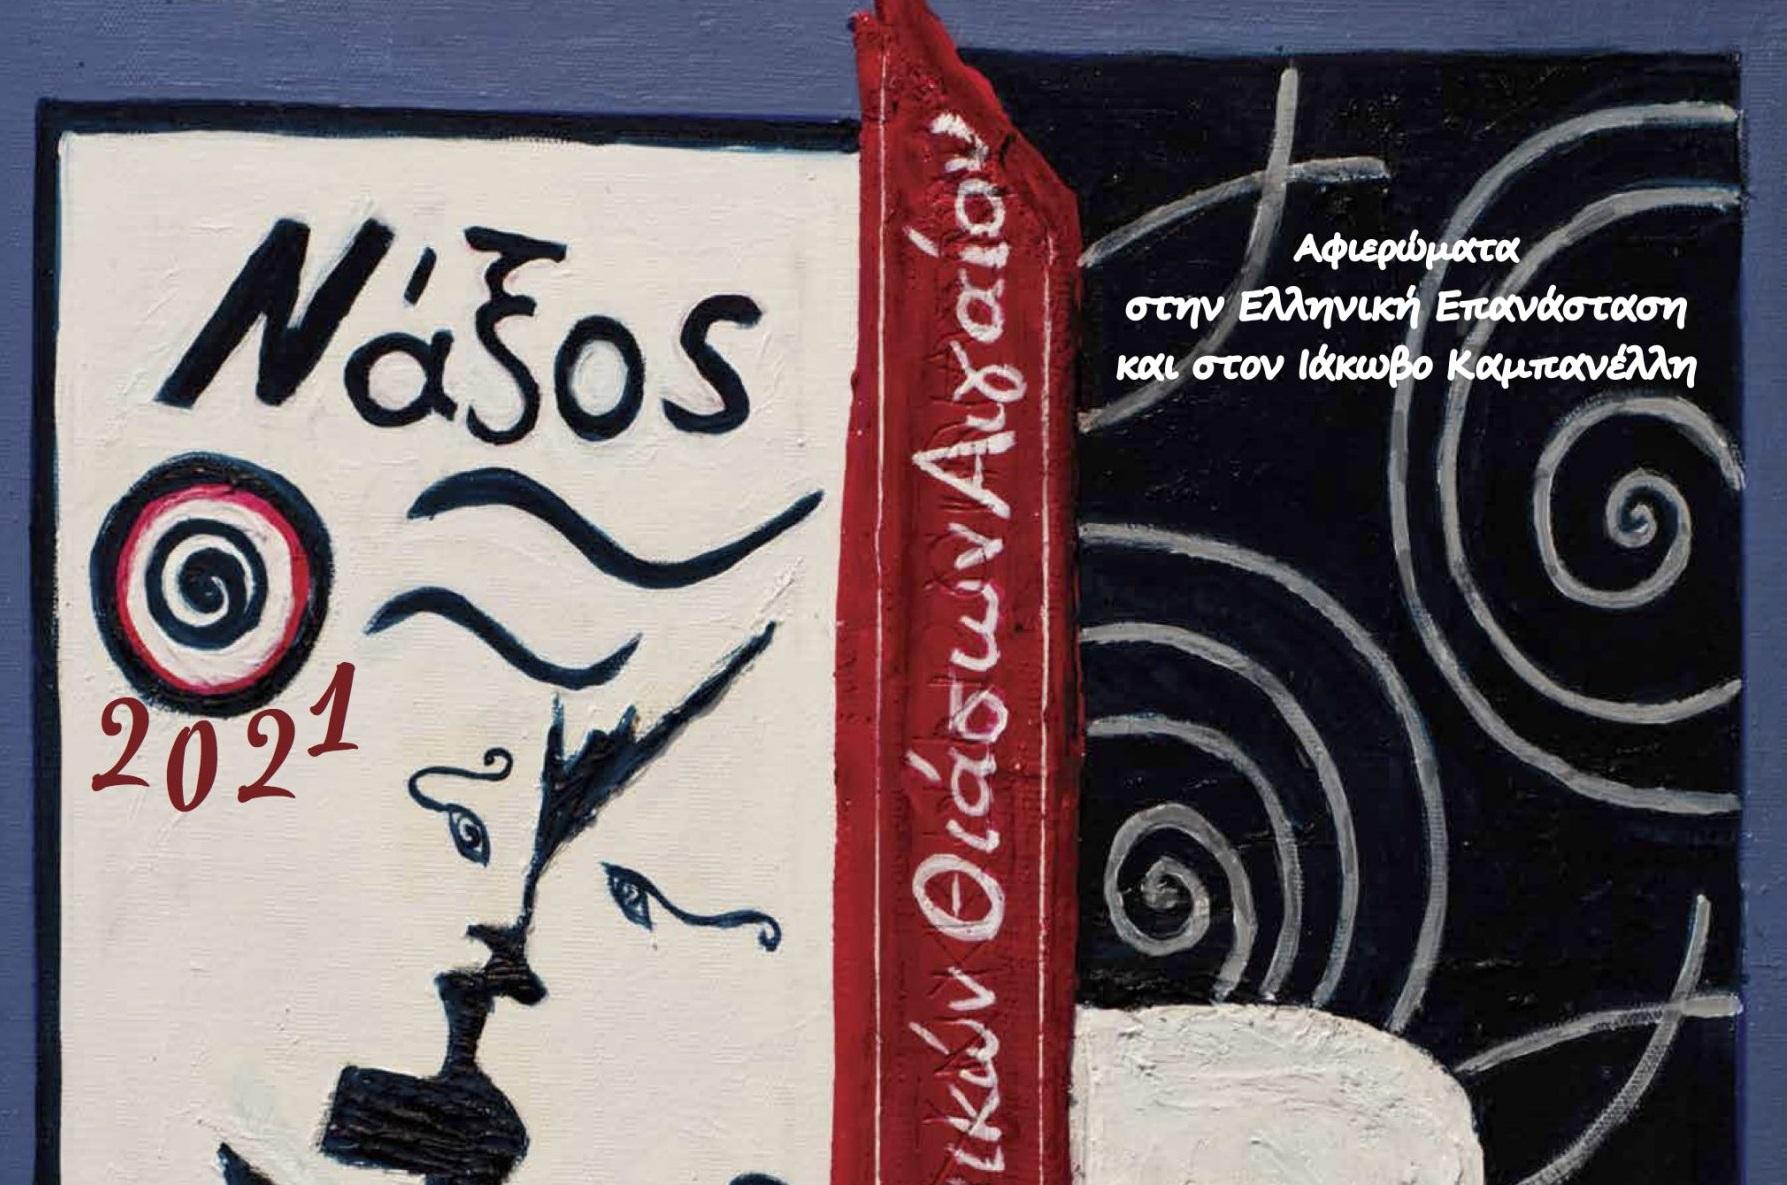 Στη Νάξο η 32η συνάντηση ερασιτεχνικών θιάσων Αιγαίου - ertnews.gr